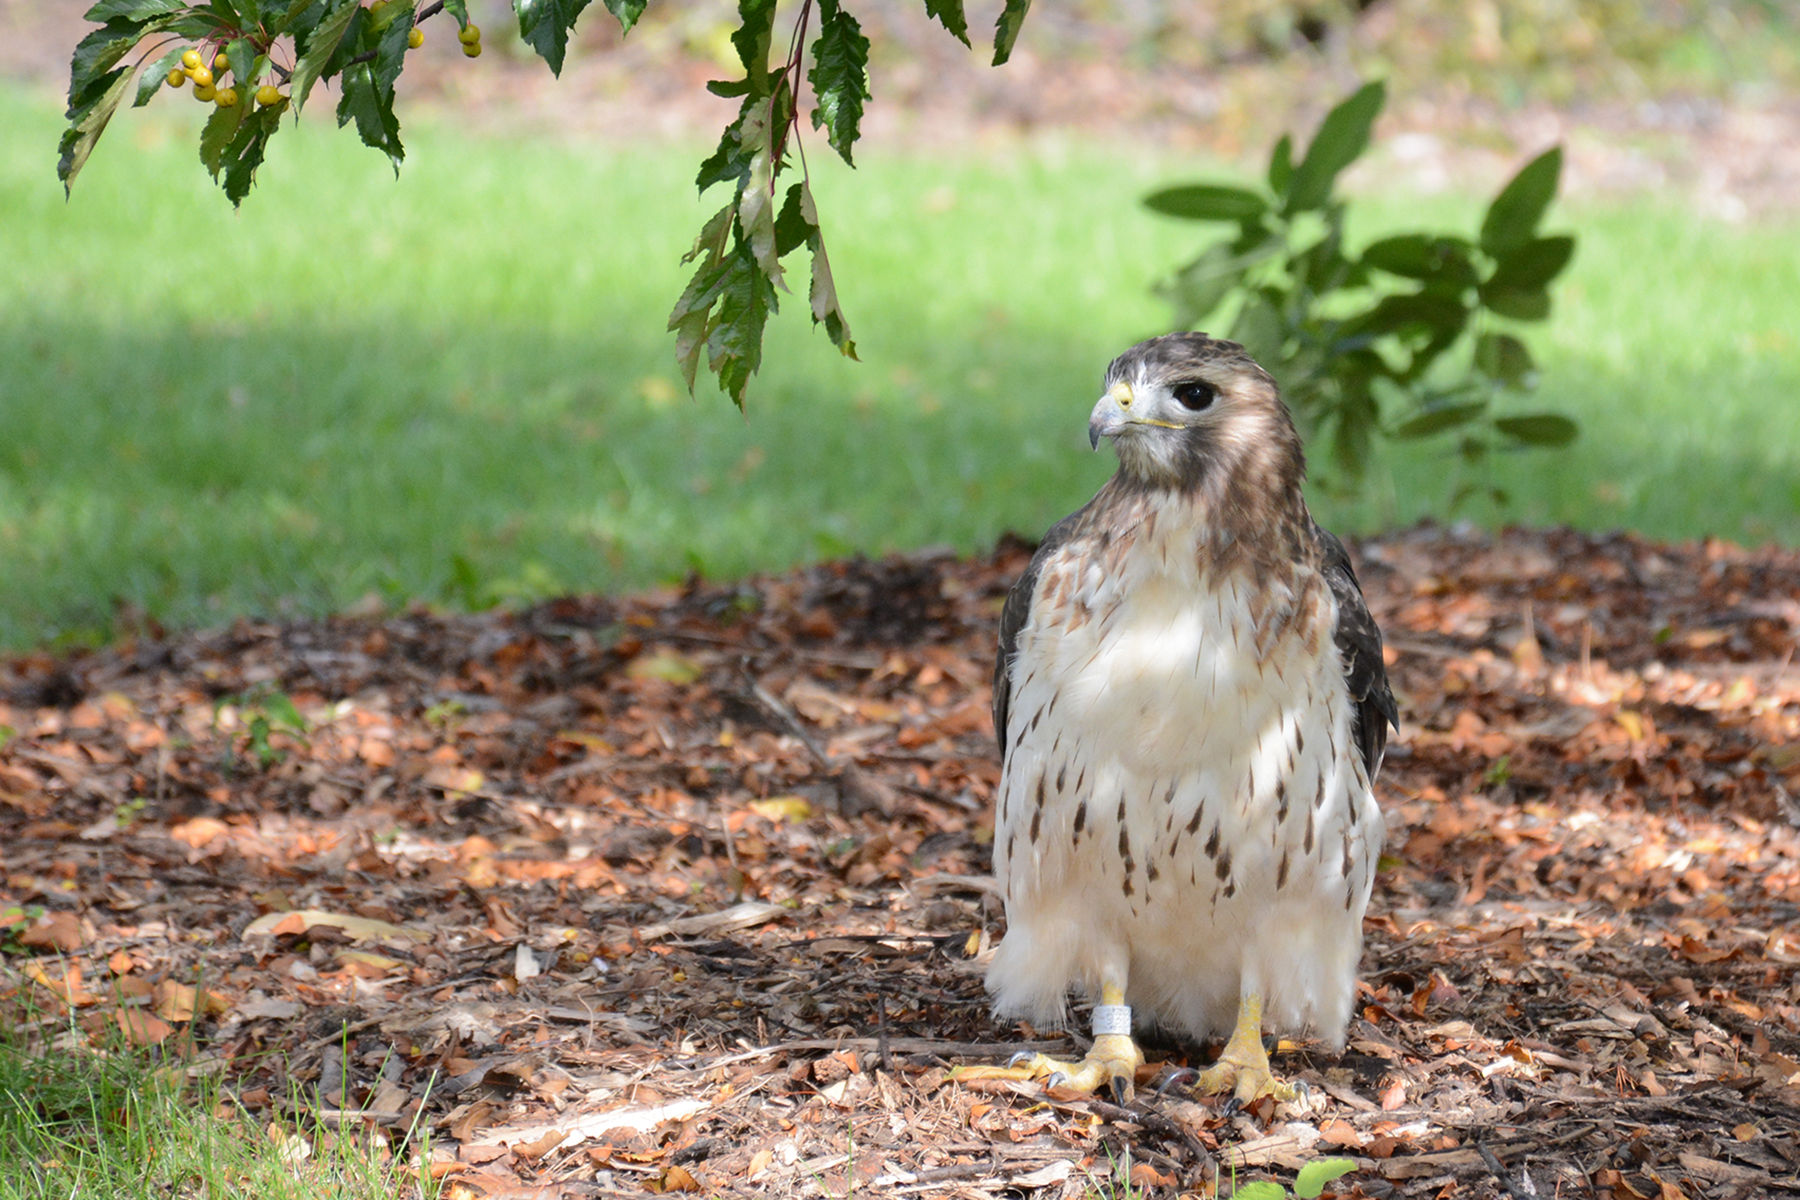 2016-10-14-arboretum-redtailedhawk1